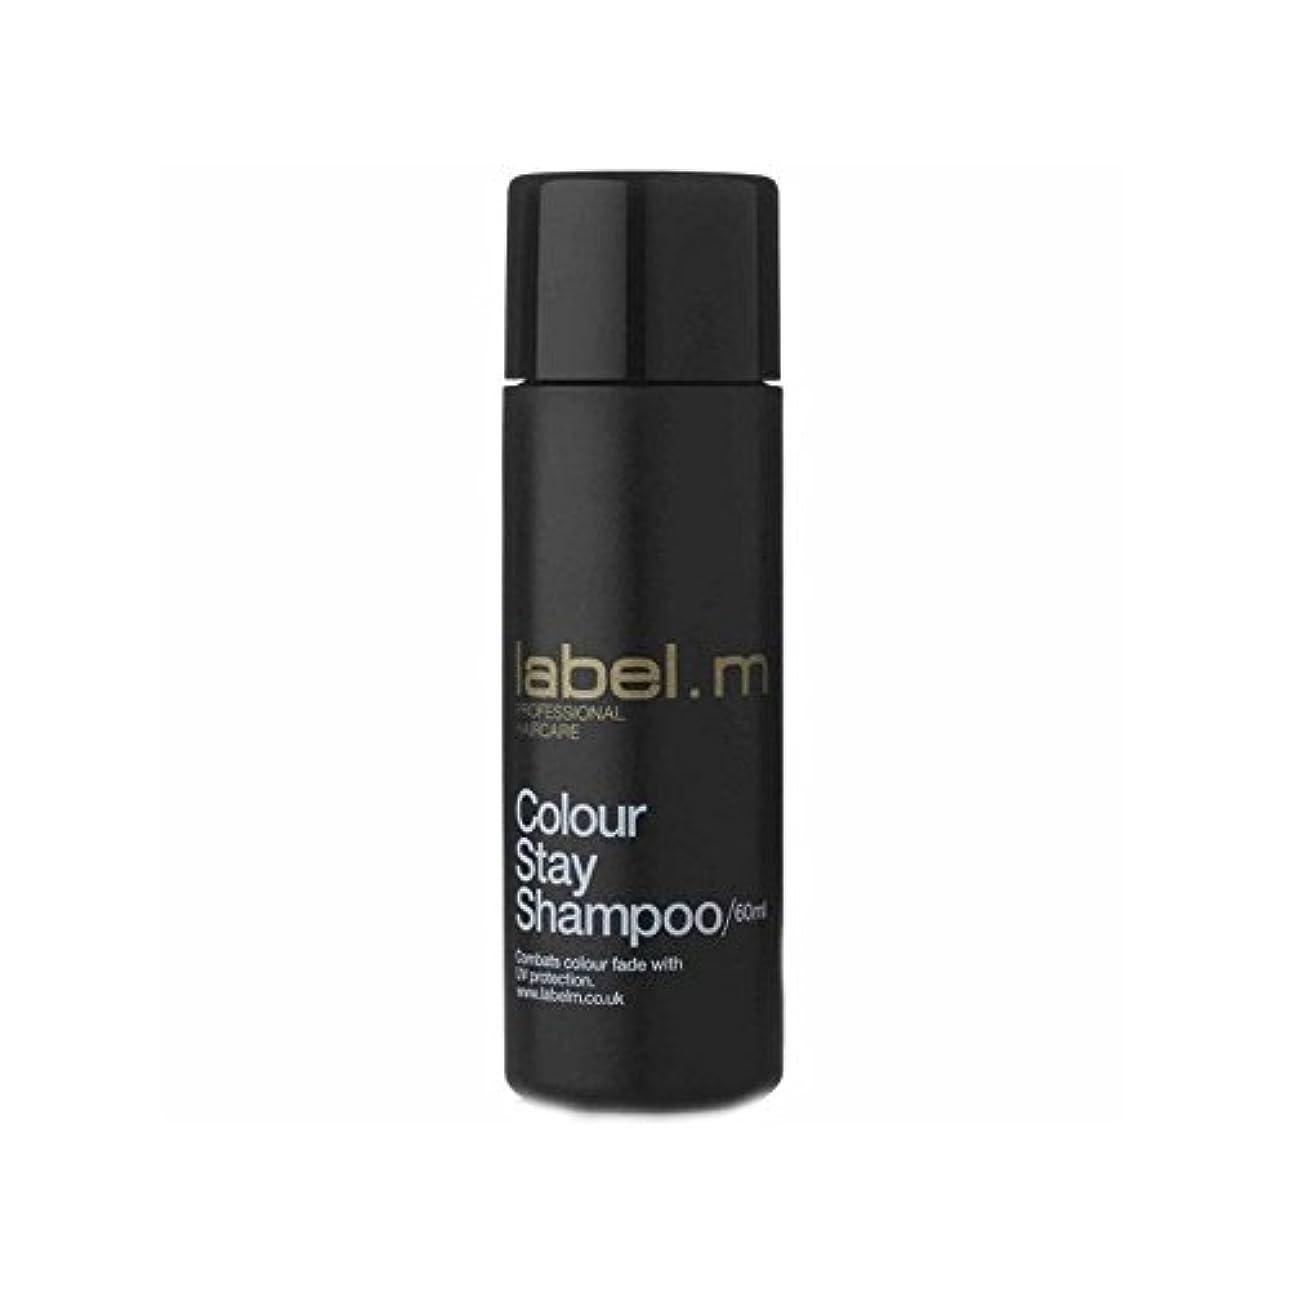 貯水池誓いクリスチャン.カラーステイシャンプーの旅行サイズ(60ミリリットル) x2 - Label.M Colour Stay Shampoo Travel Size (60ml) (Pack of 2) [並行輸入品]